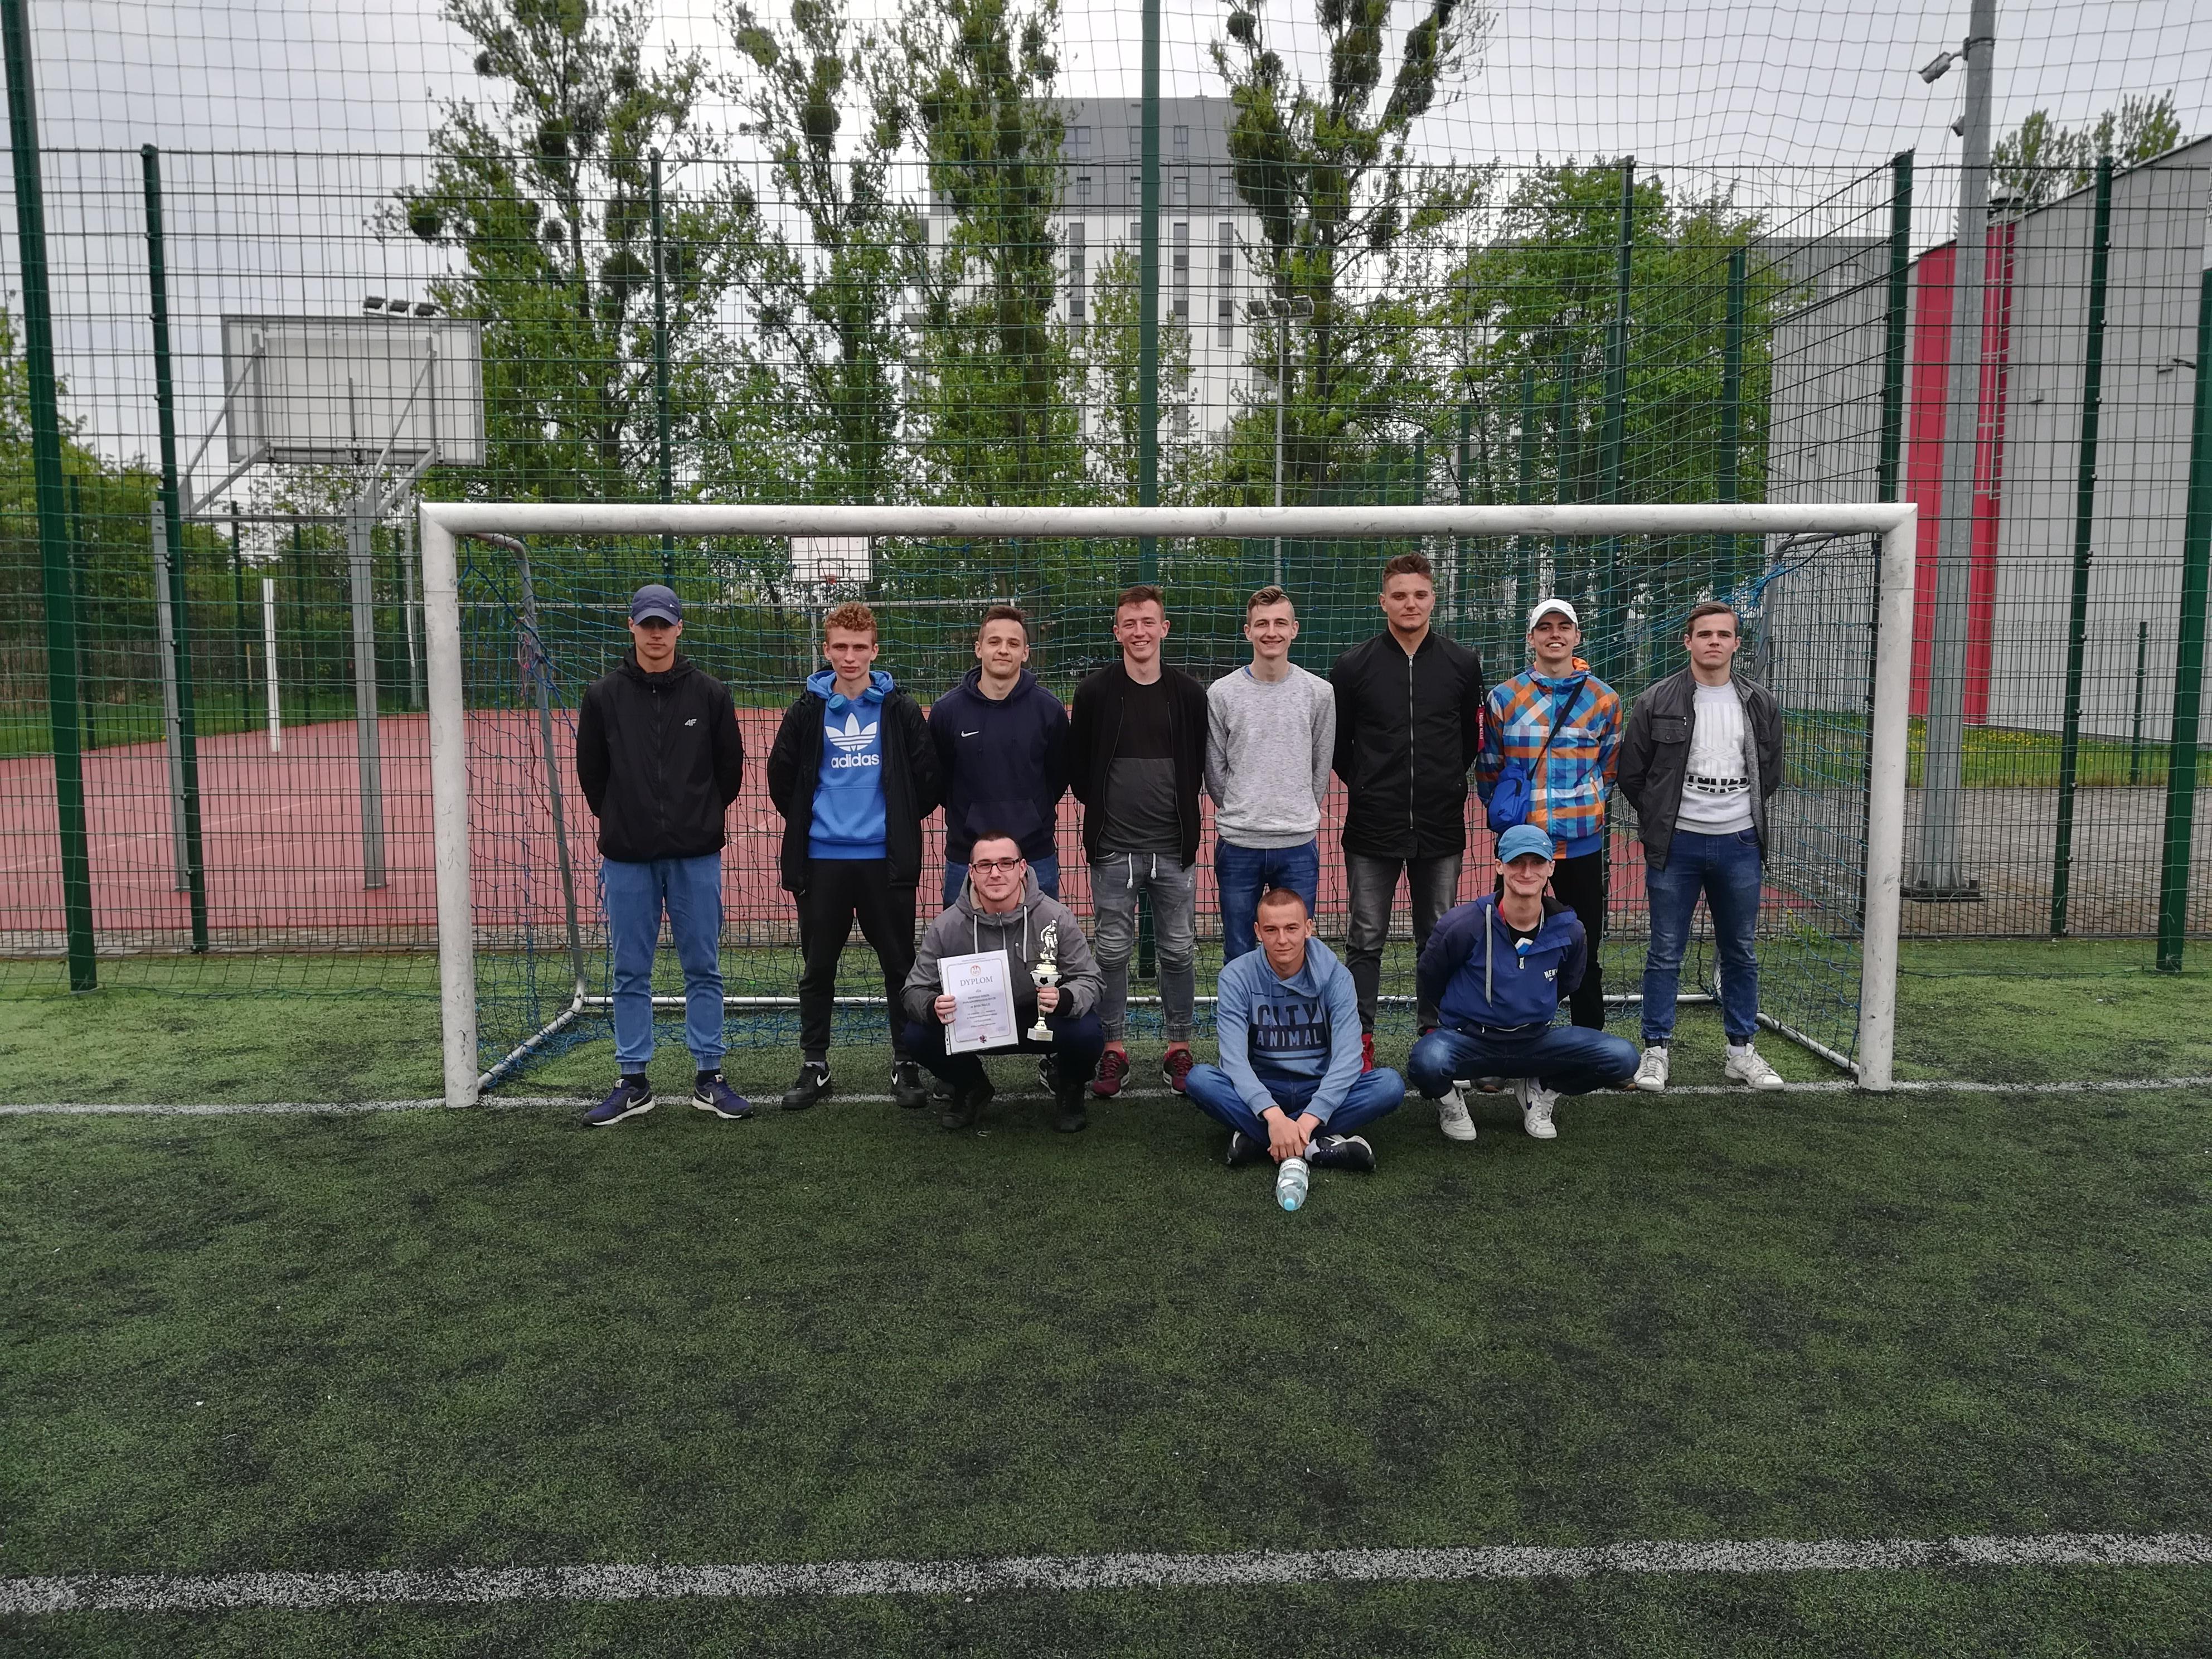 Finał Kujawsko-Pomorskiej Licealiady w Piłce Nożnej